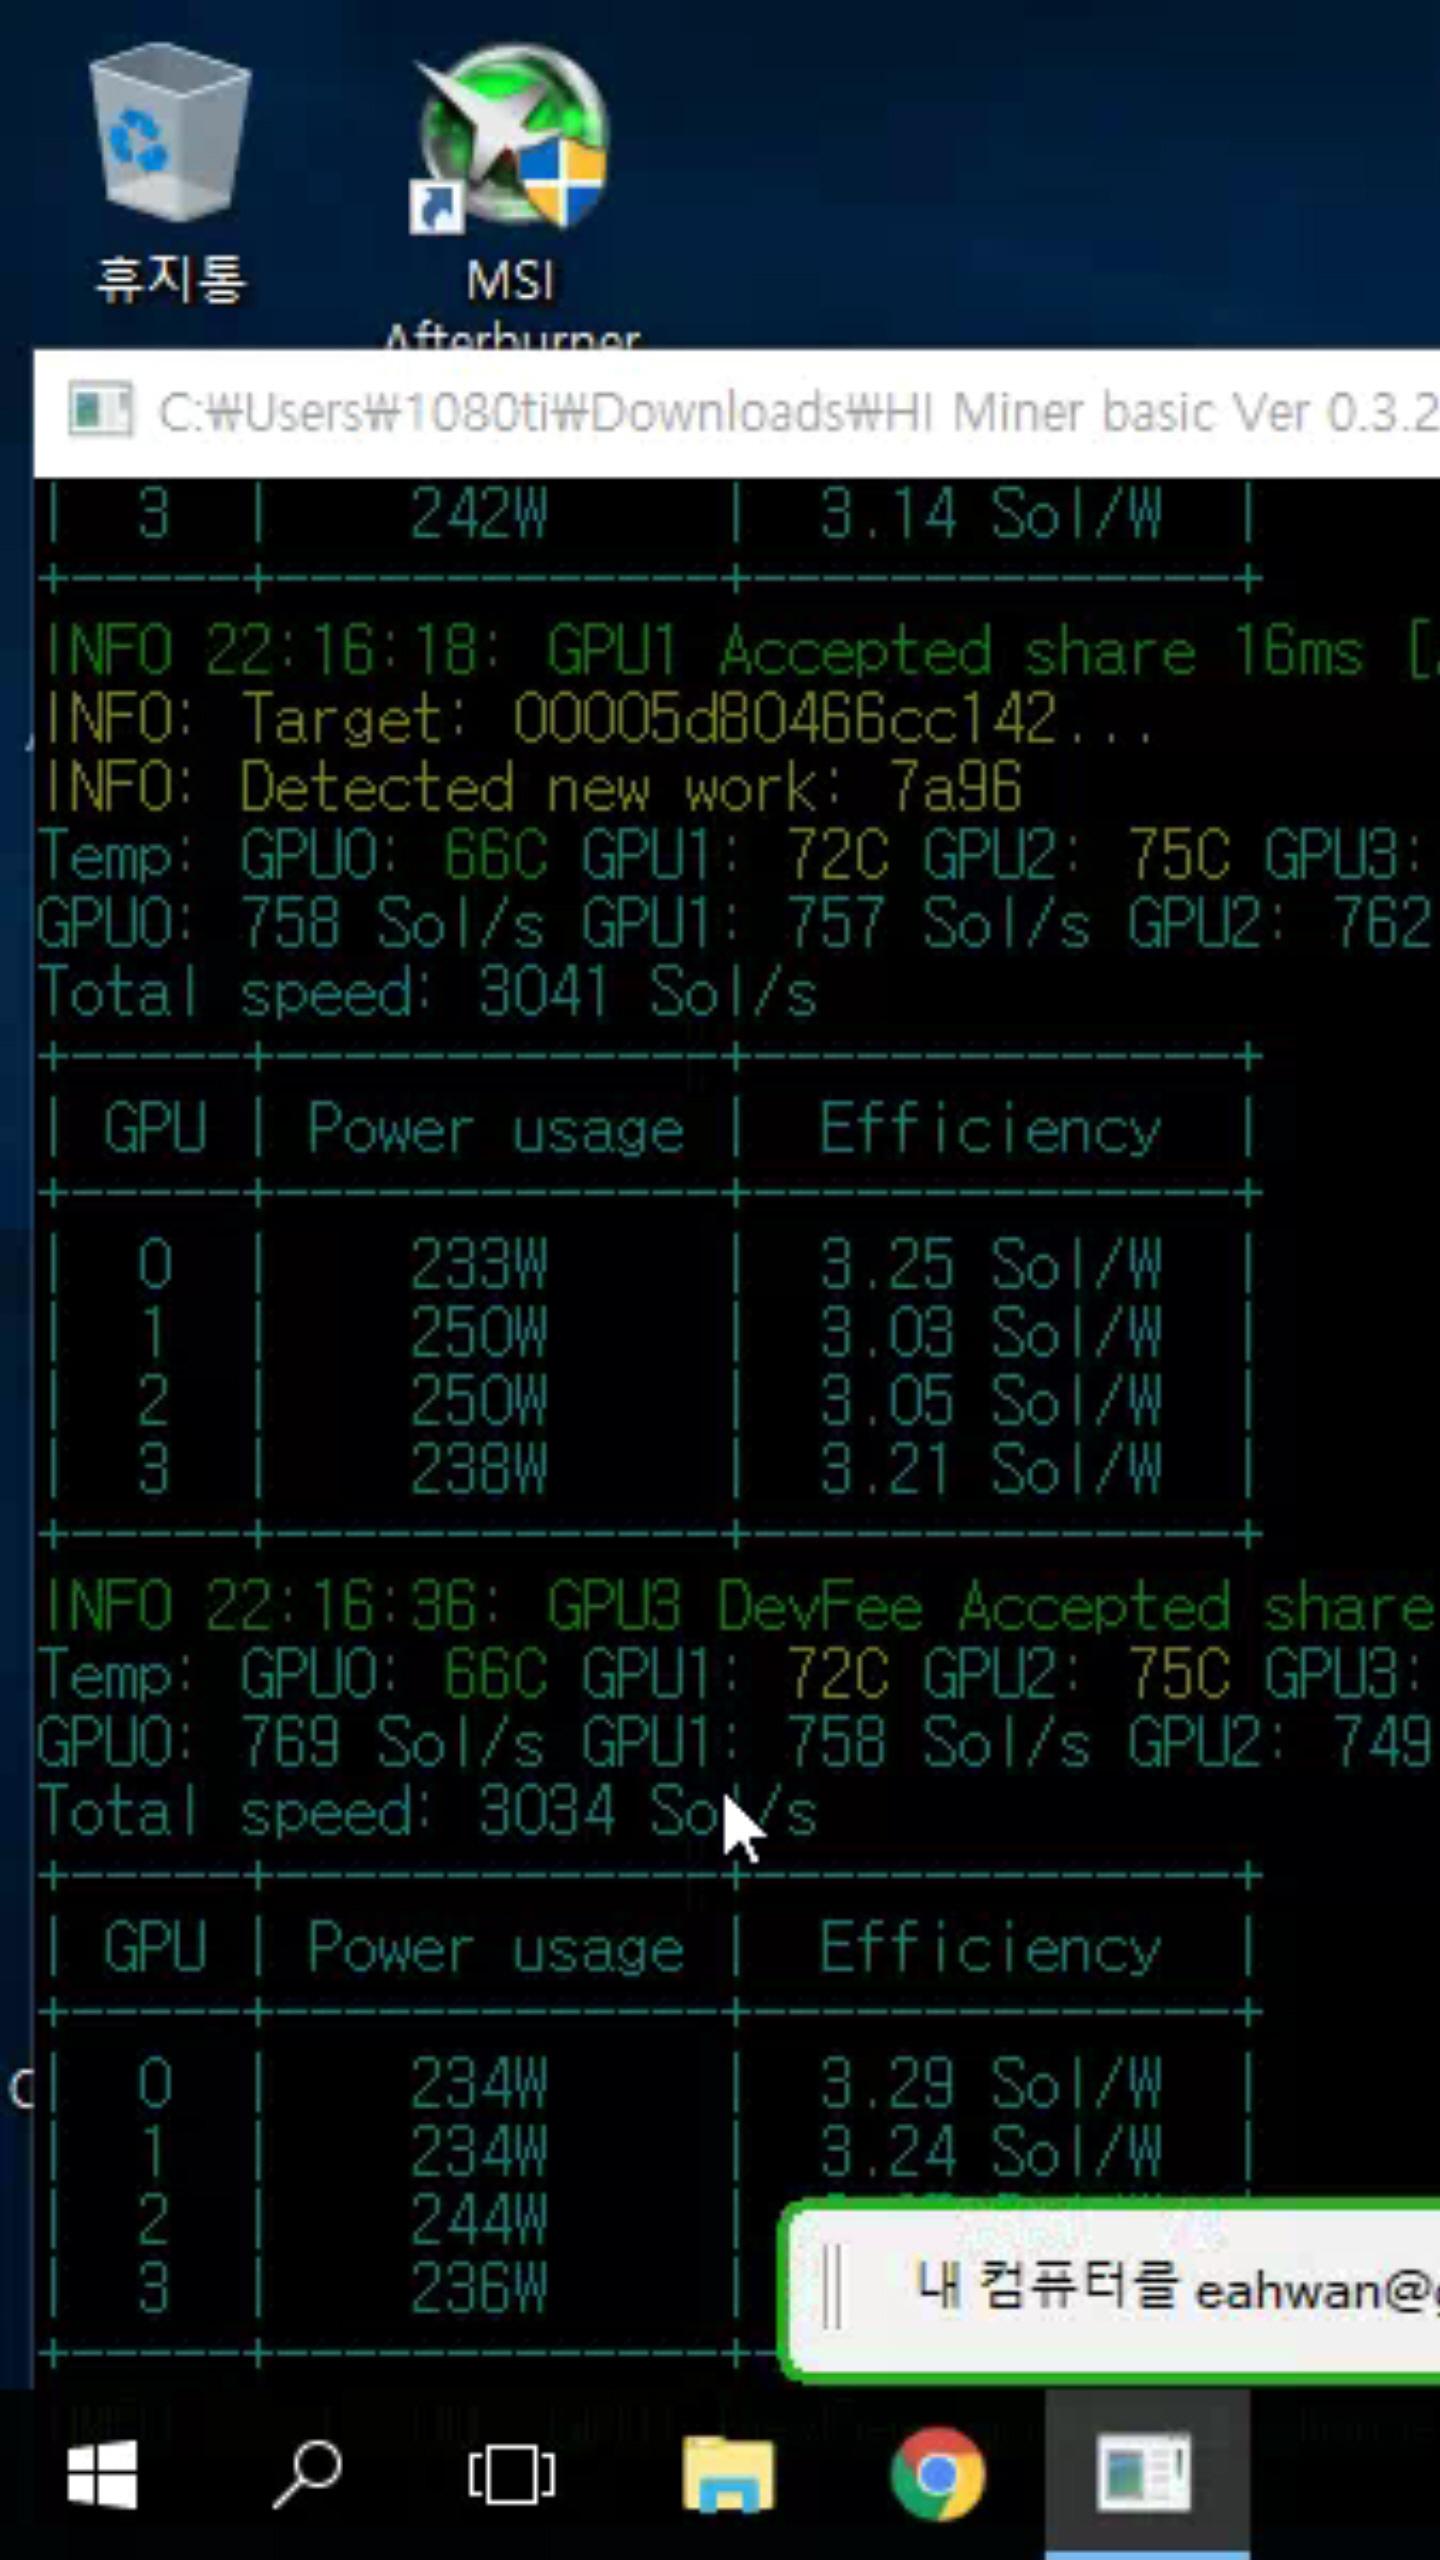 screenshot_2017-07-06-22-17-15.jpg